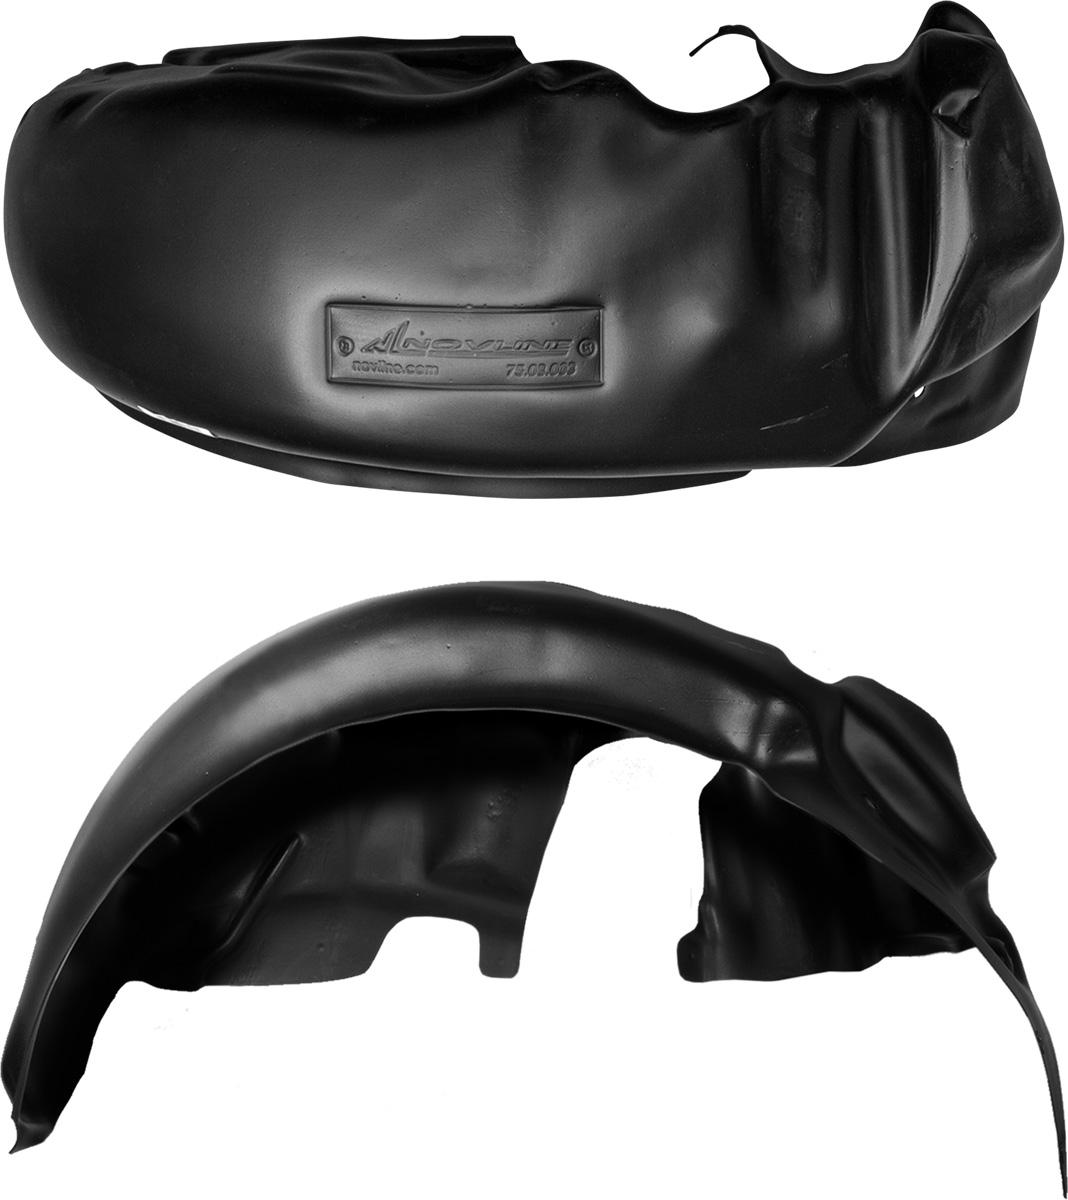 Подкрылок Novline-Autofamily, для Mazda CX-5, 2012-2015, задний левыйDAVC150Колесные ниши - одни из самых уязвимых зон днища вашего автомобиля. Они постоянно подвергаются воздействию со стороны дороги. Лучшая, почти абсолютная защита для них - специально отформованные пластиковые кожухи, которые называются подкрылками. Производятся они как для отечественных моделей автомобилей, так и для иномарок. Подкрылки Novline-Autofamily выполнены из высококачественного, экологически чистого пластика. Обеспечивают надежную защиту кузова автомобиля от пескоструйного эффекта и негативного влияния, агрессивных антигололедных реагентов. Пластик обладает более низкой теплопроводностью, чем металл, поэтому в зимний период эксплуатации использование пластиковых подкрылков позволяет лучше защитить колесные ниши от налипания снега и образования наледи. Оригинальность конструкции подчеркивает элегантность автомобиля, бережно защищает нанесенное на днище кузова антикоррозийное покрытие и позволяет осуществить крепление подкрылков внутри колесной арки практически без дополнительного крепежа и сверления, не нарушая при этом лакокрасочного покрытия, что предотвращает возникновение новых очагов коррозии. Подкрылки долговечны, обладают высокой прочностью и сохраняют заданную форму, а также все свои физико-механические характеристики в самых тяжелых климатических условиях (от -50°С до +50°С).Уважаемые клиенты!Обращаем ваше внимание, на тот факт, что подкрылок имеет форму, соответствующую модели данного автомобиля. Фото служит для визуального восприятия товара.